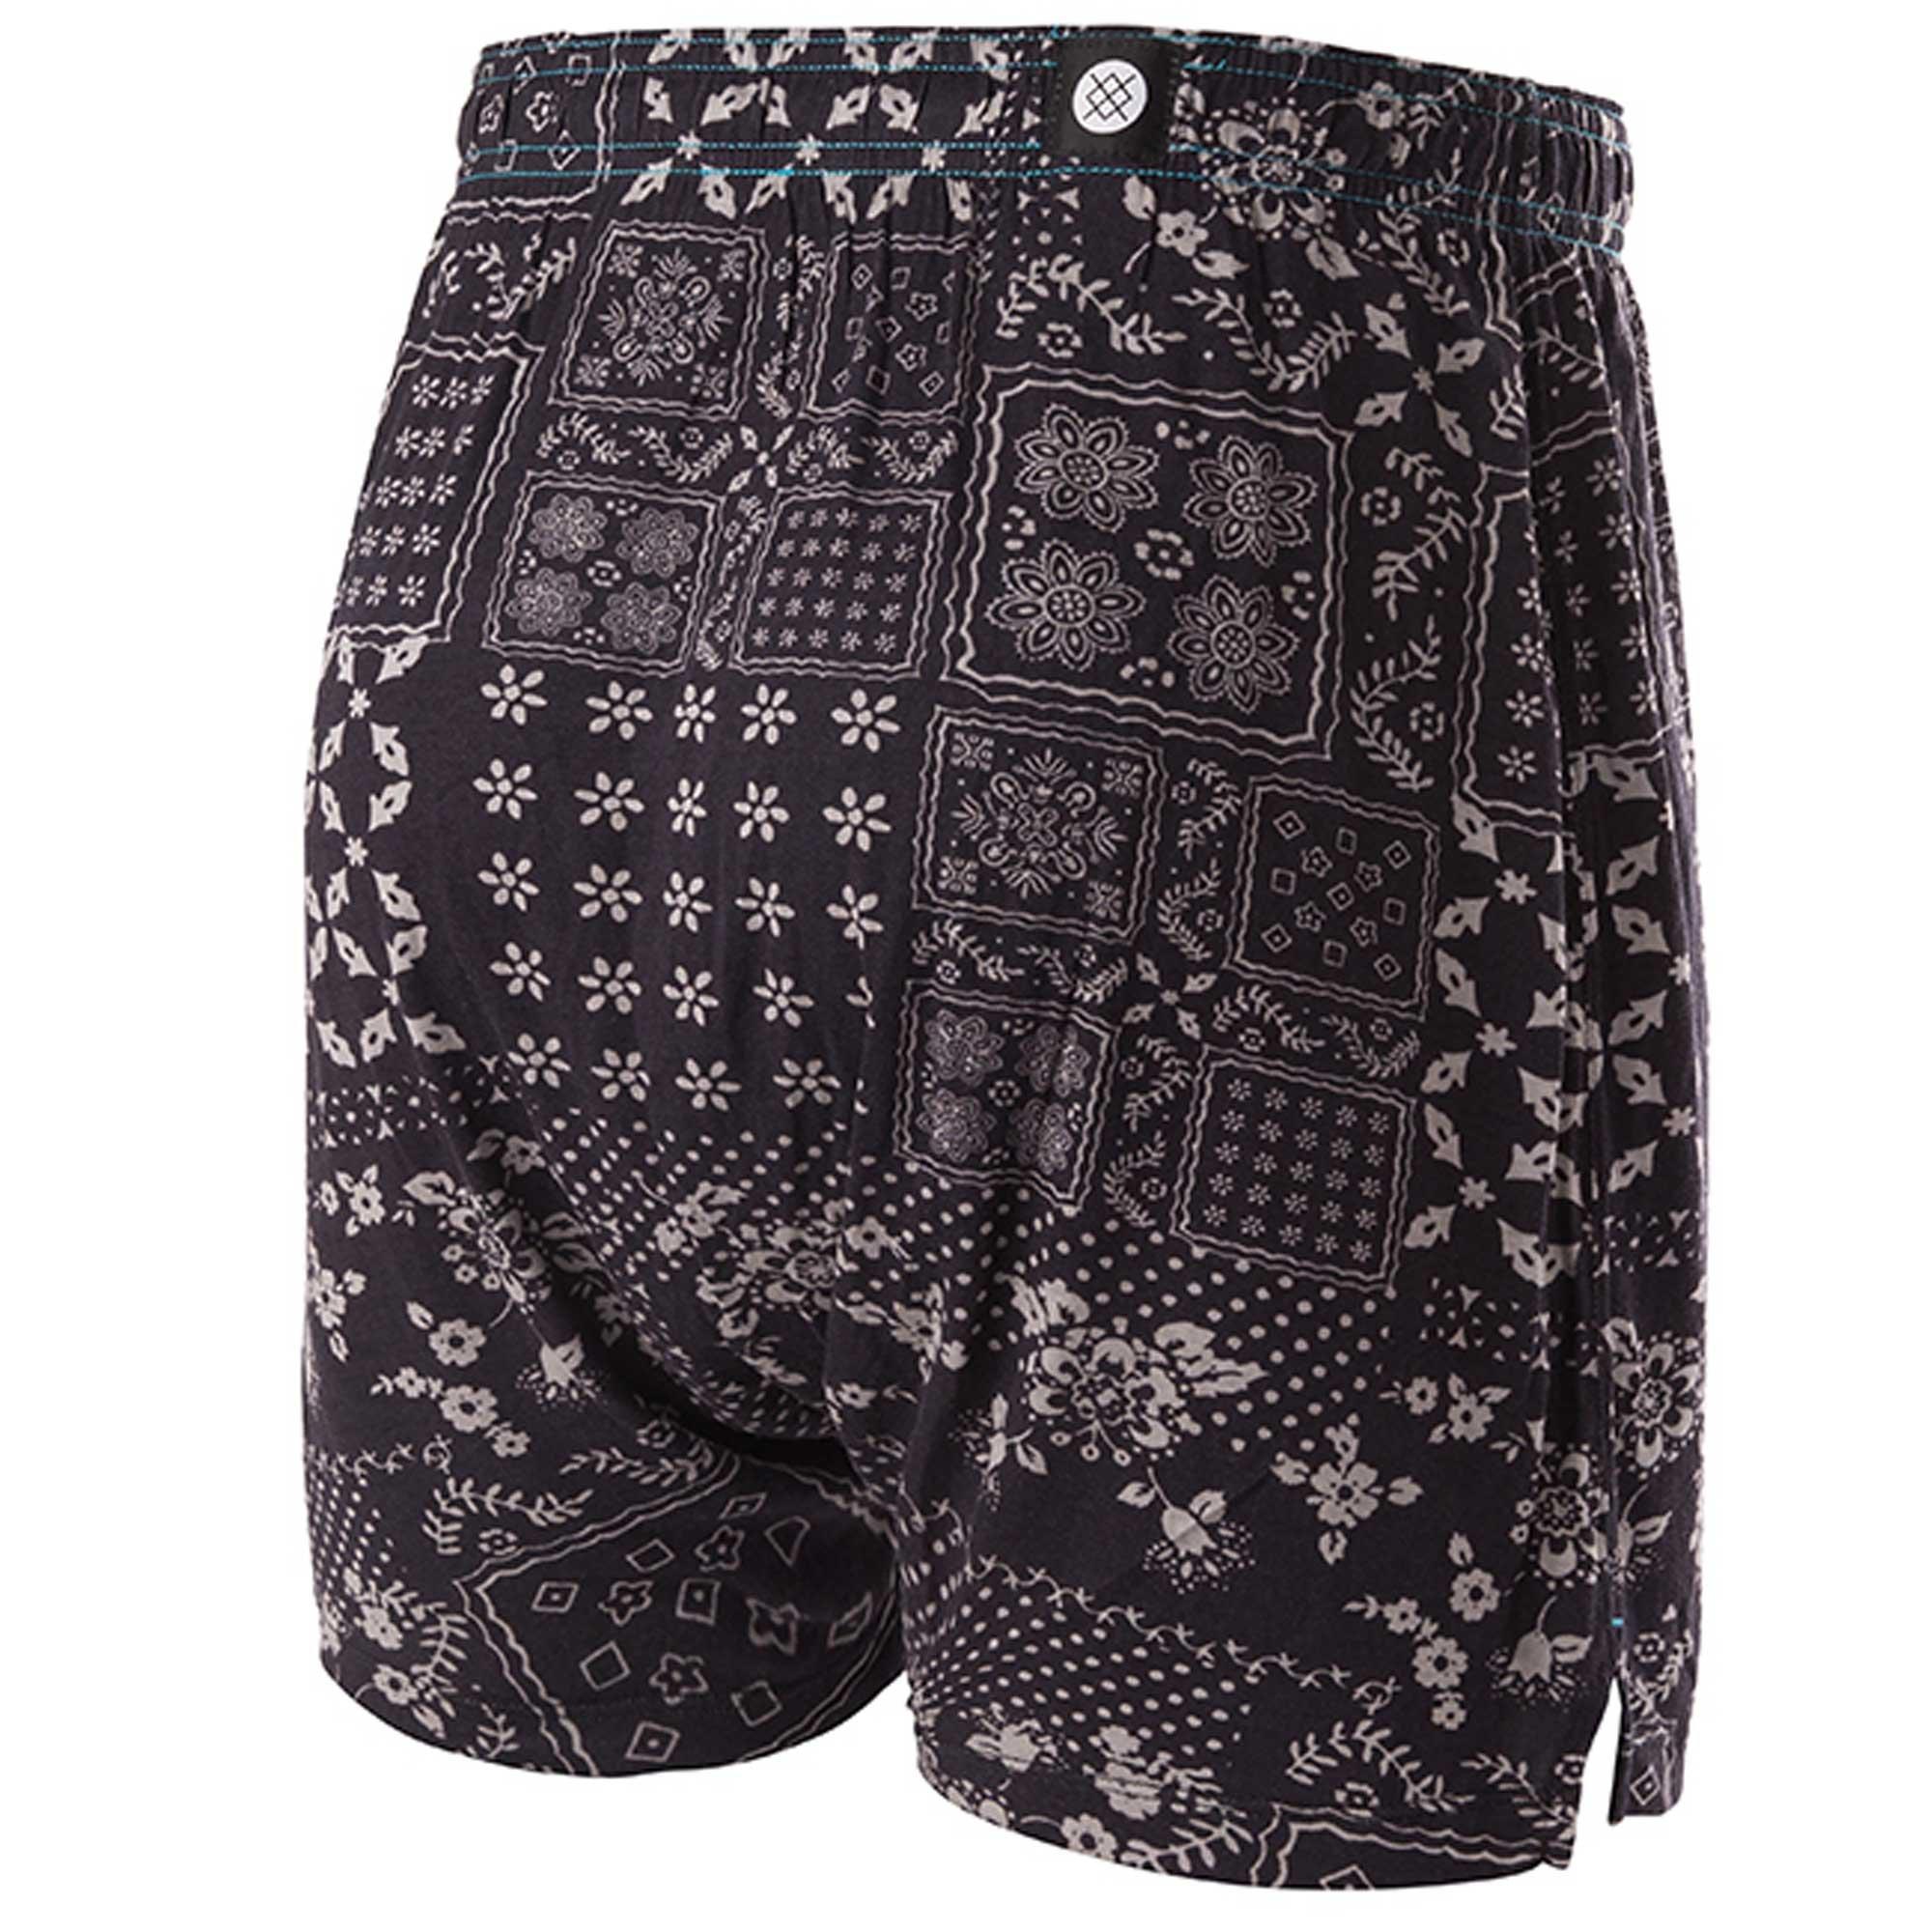 Stance Men's Scope Black Boxer Briefs XL